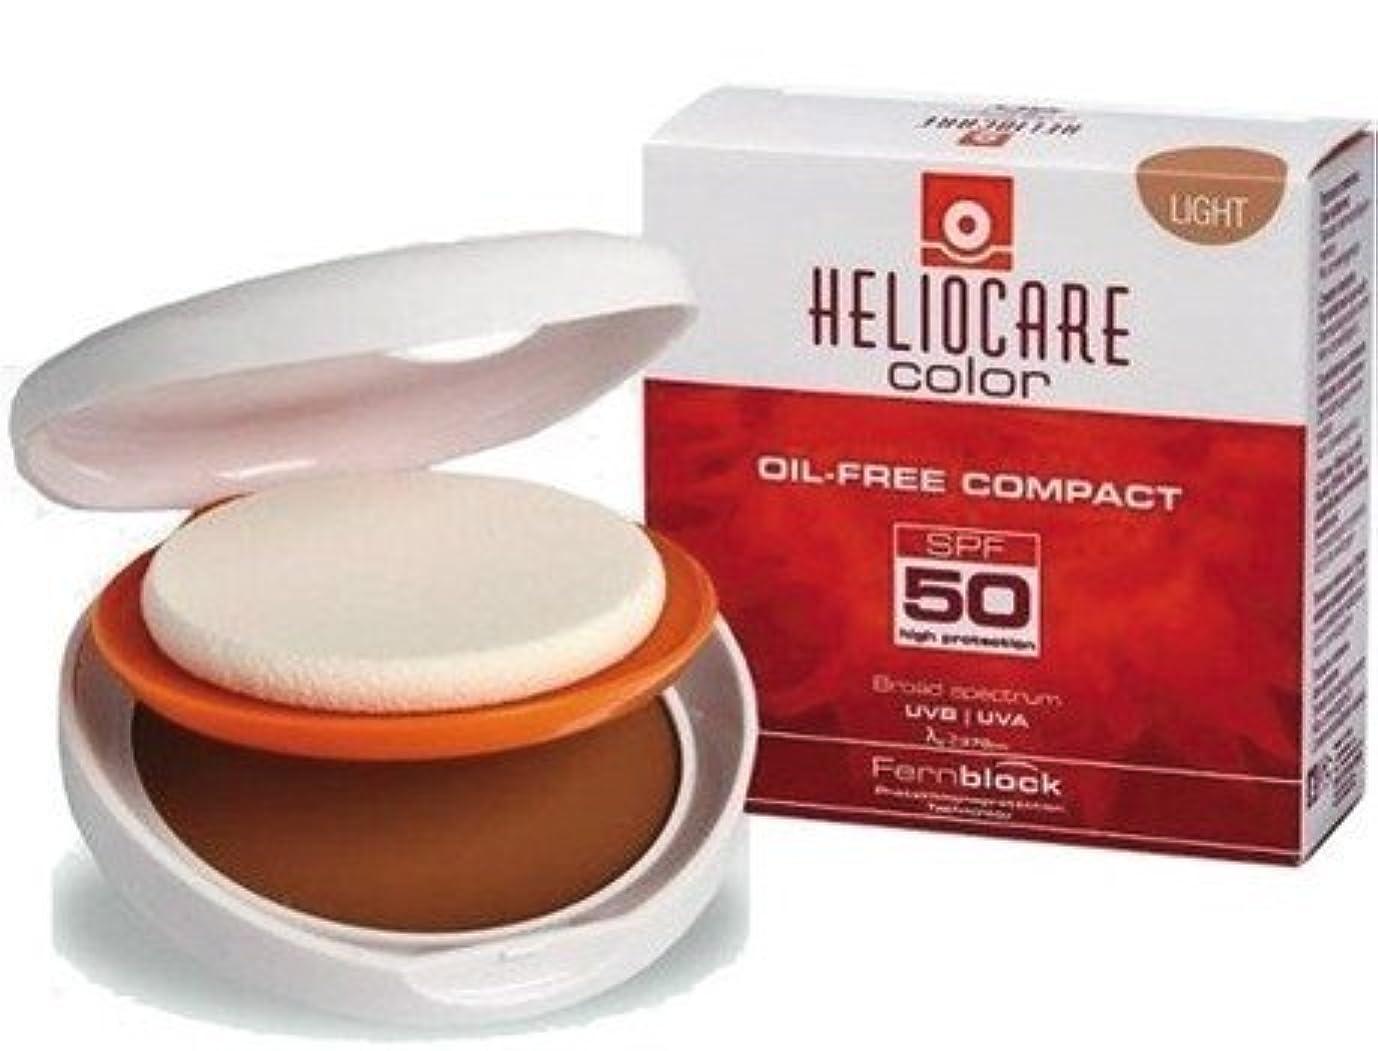 マトロンスラック食料品店ヘリオケア カラーオイル フリーコンパクト SPF50 ライト HELIOCARE COLOR OIL FREE COMPACT SPF50 LIGHT